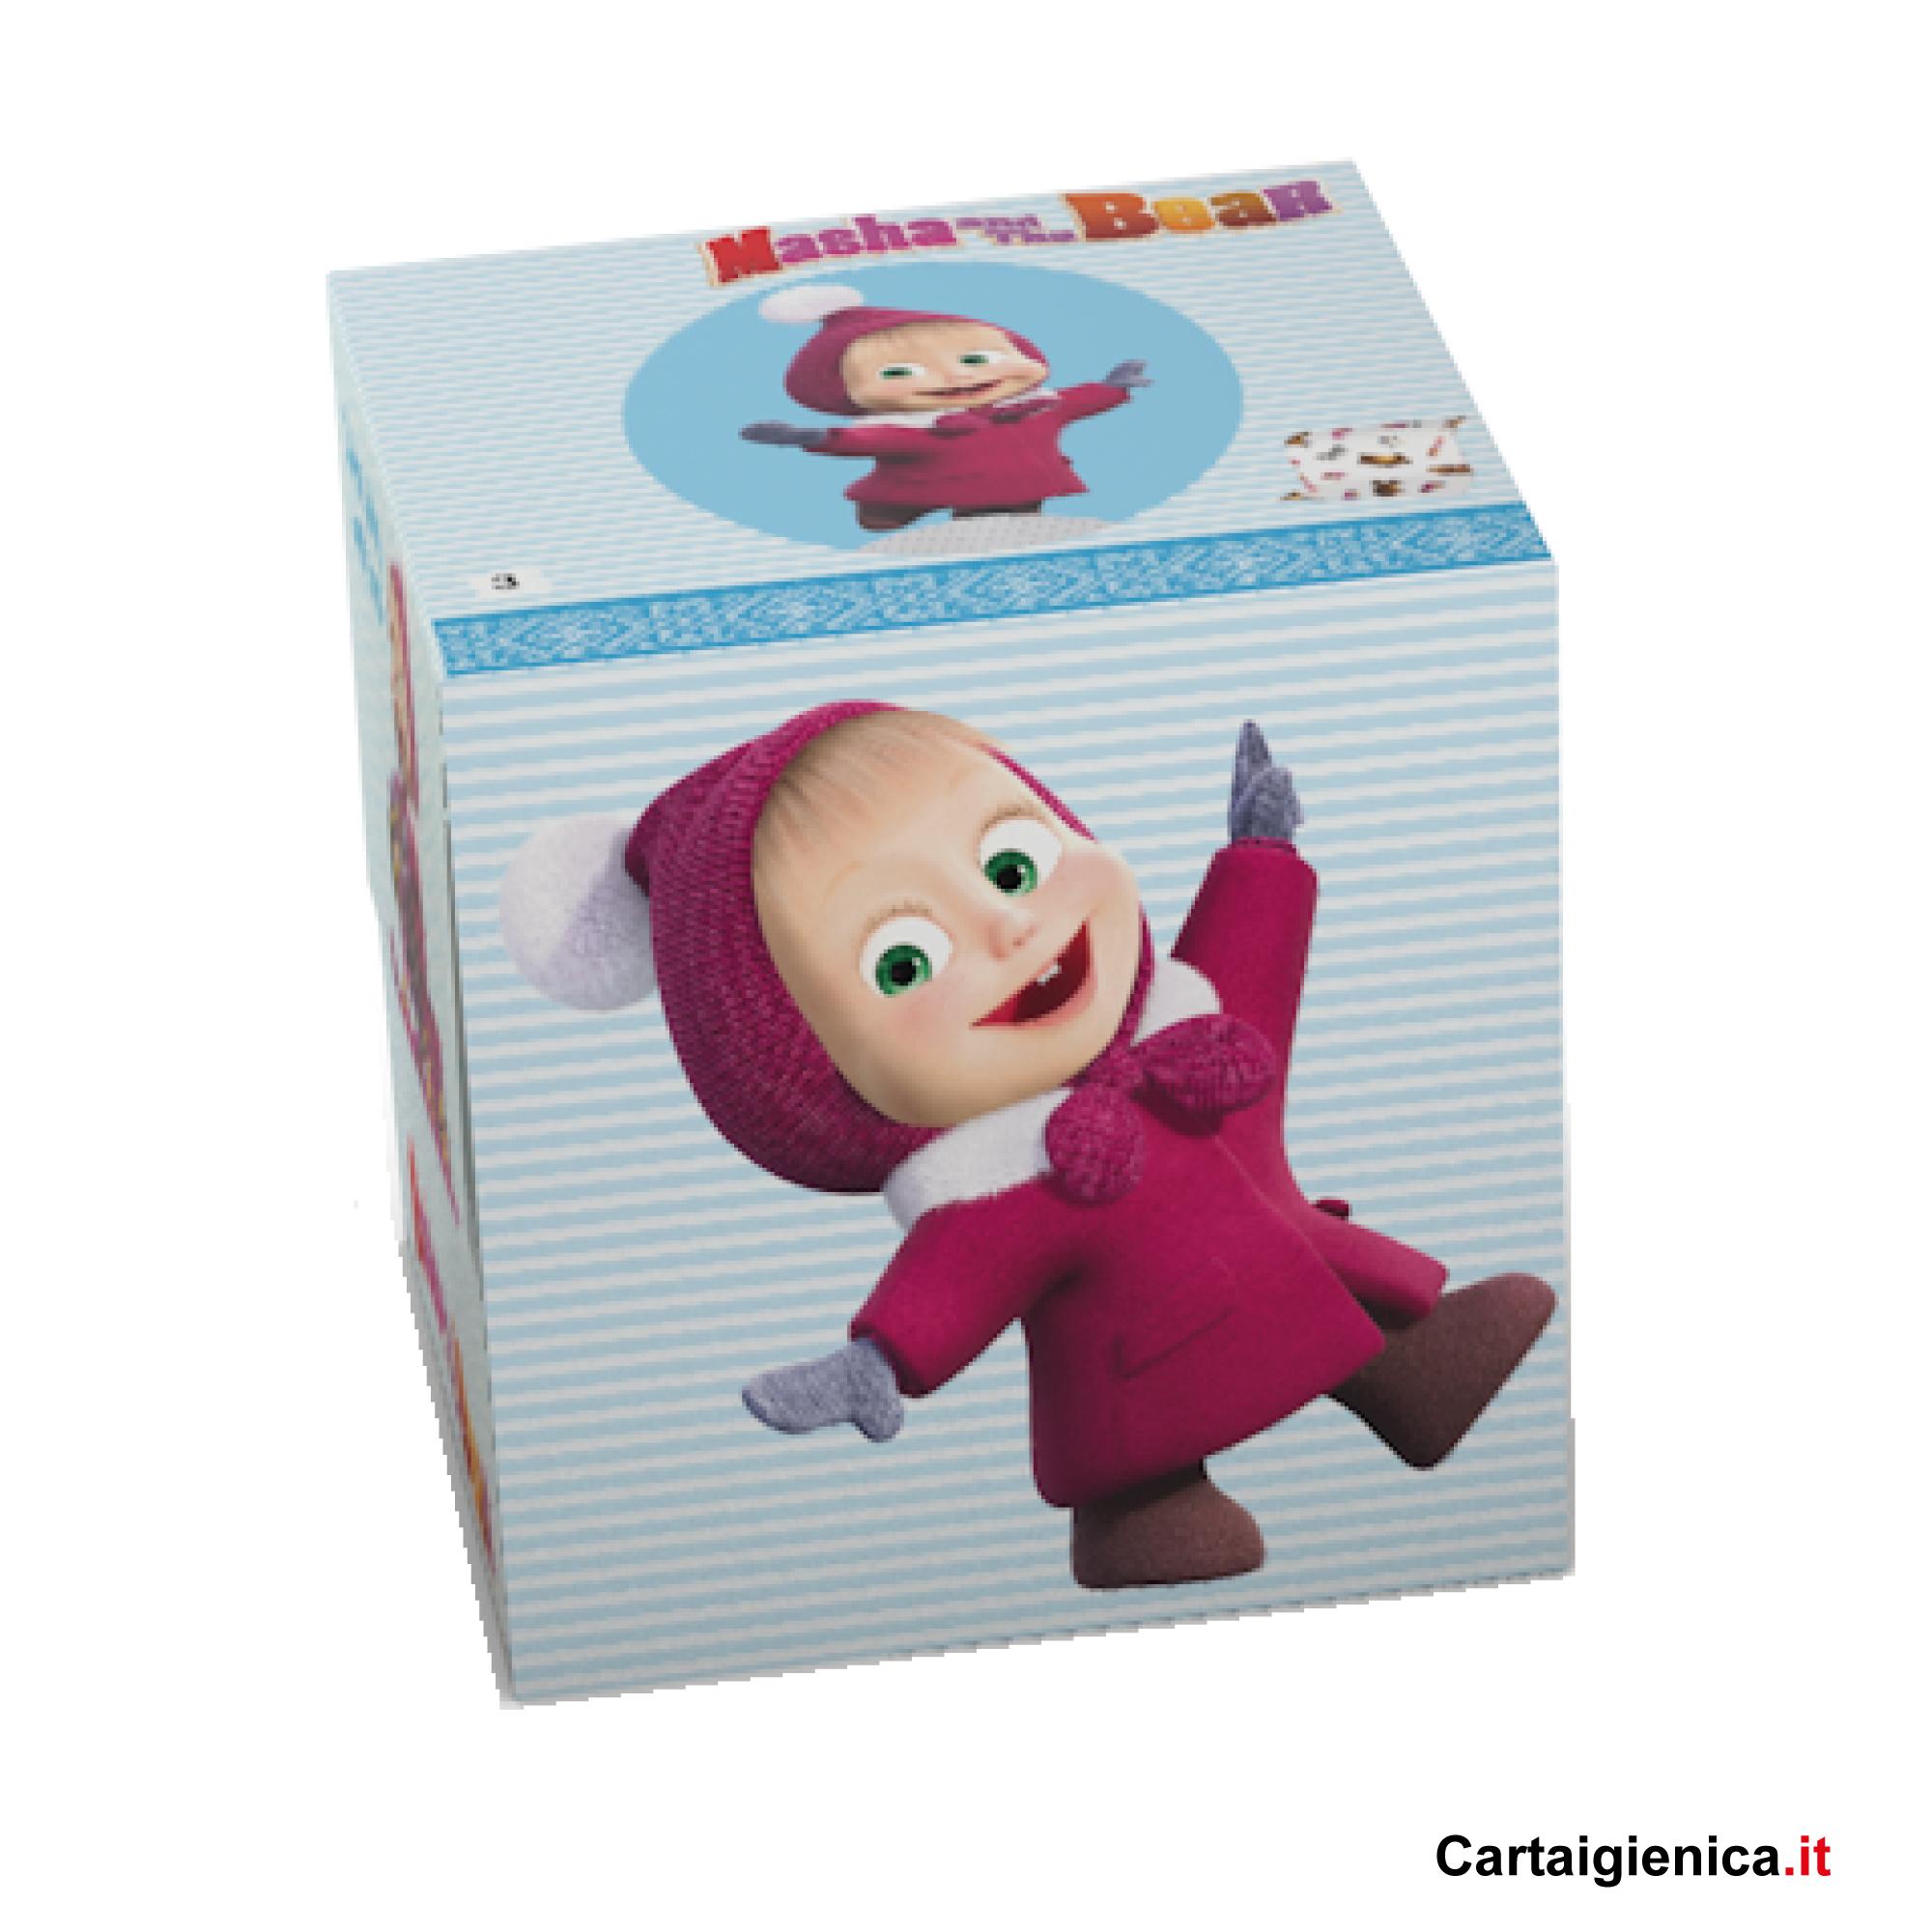 kartika style box scatola veline masha e orso festa bambini fazzoletti colori